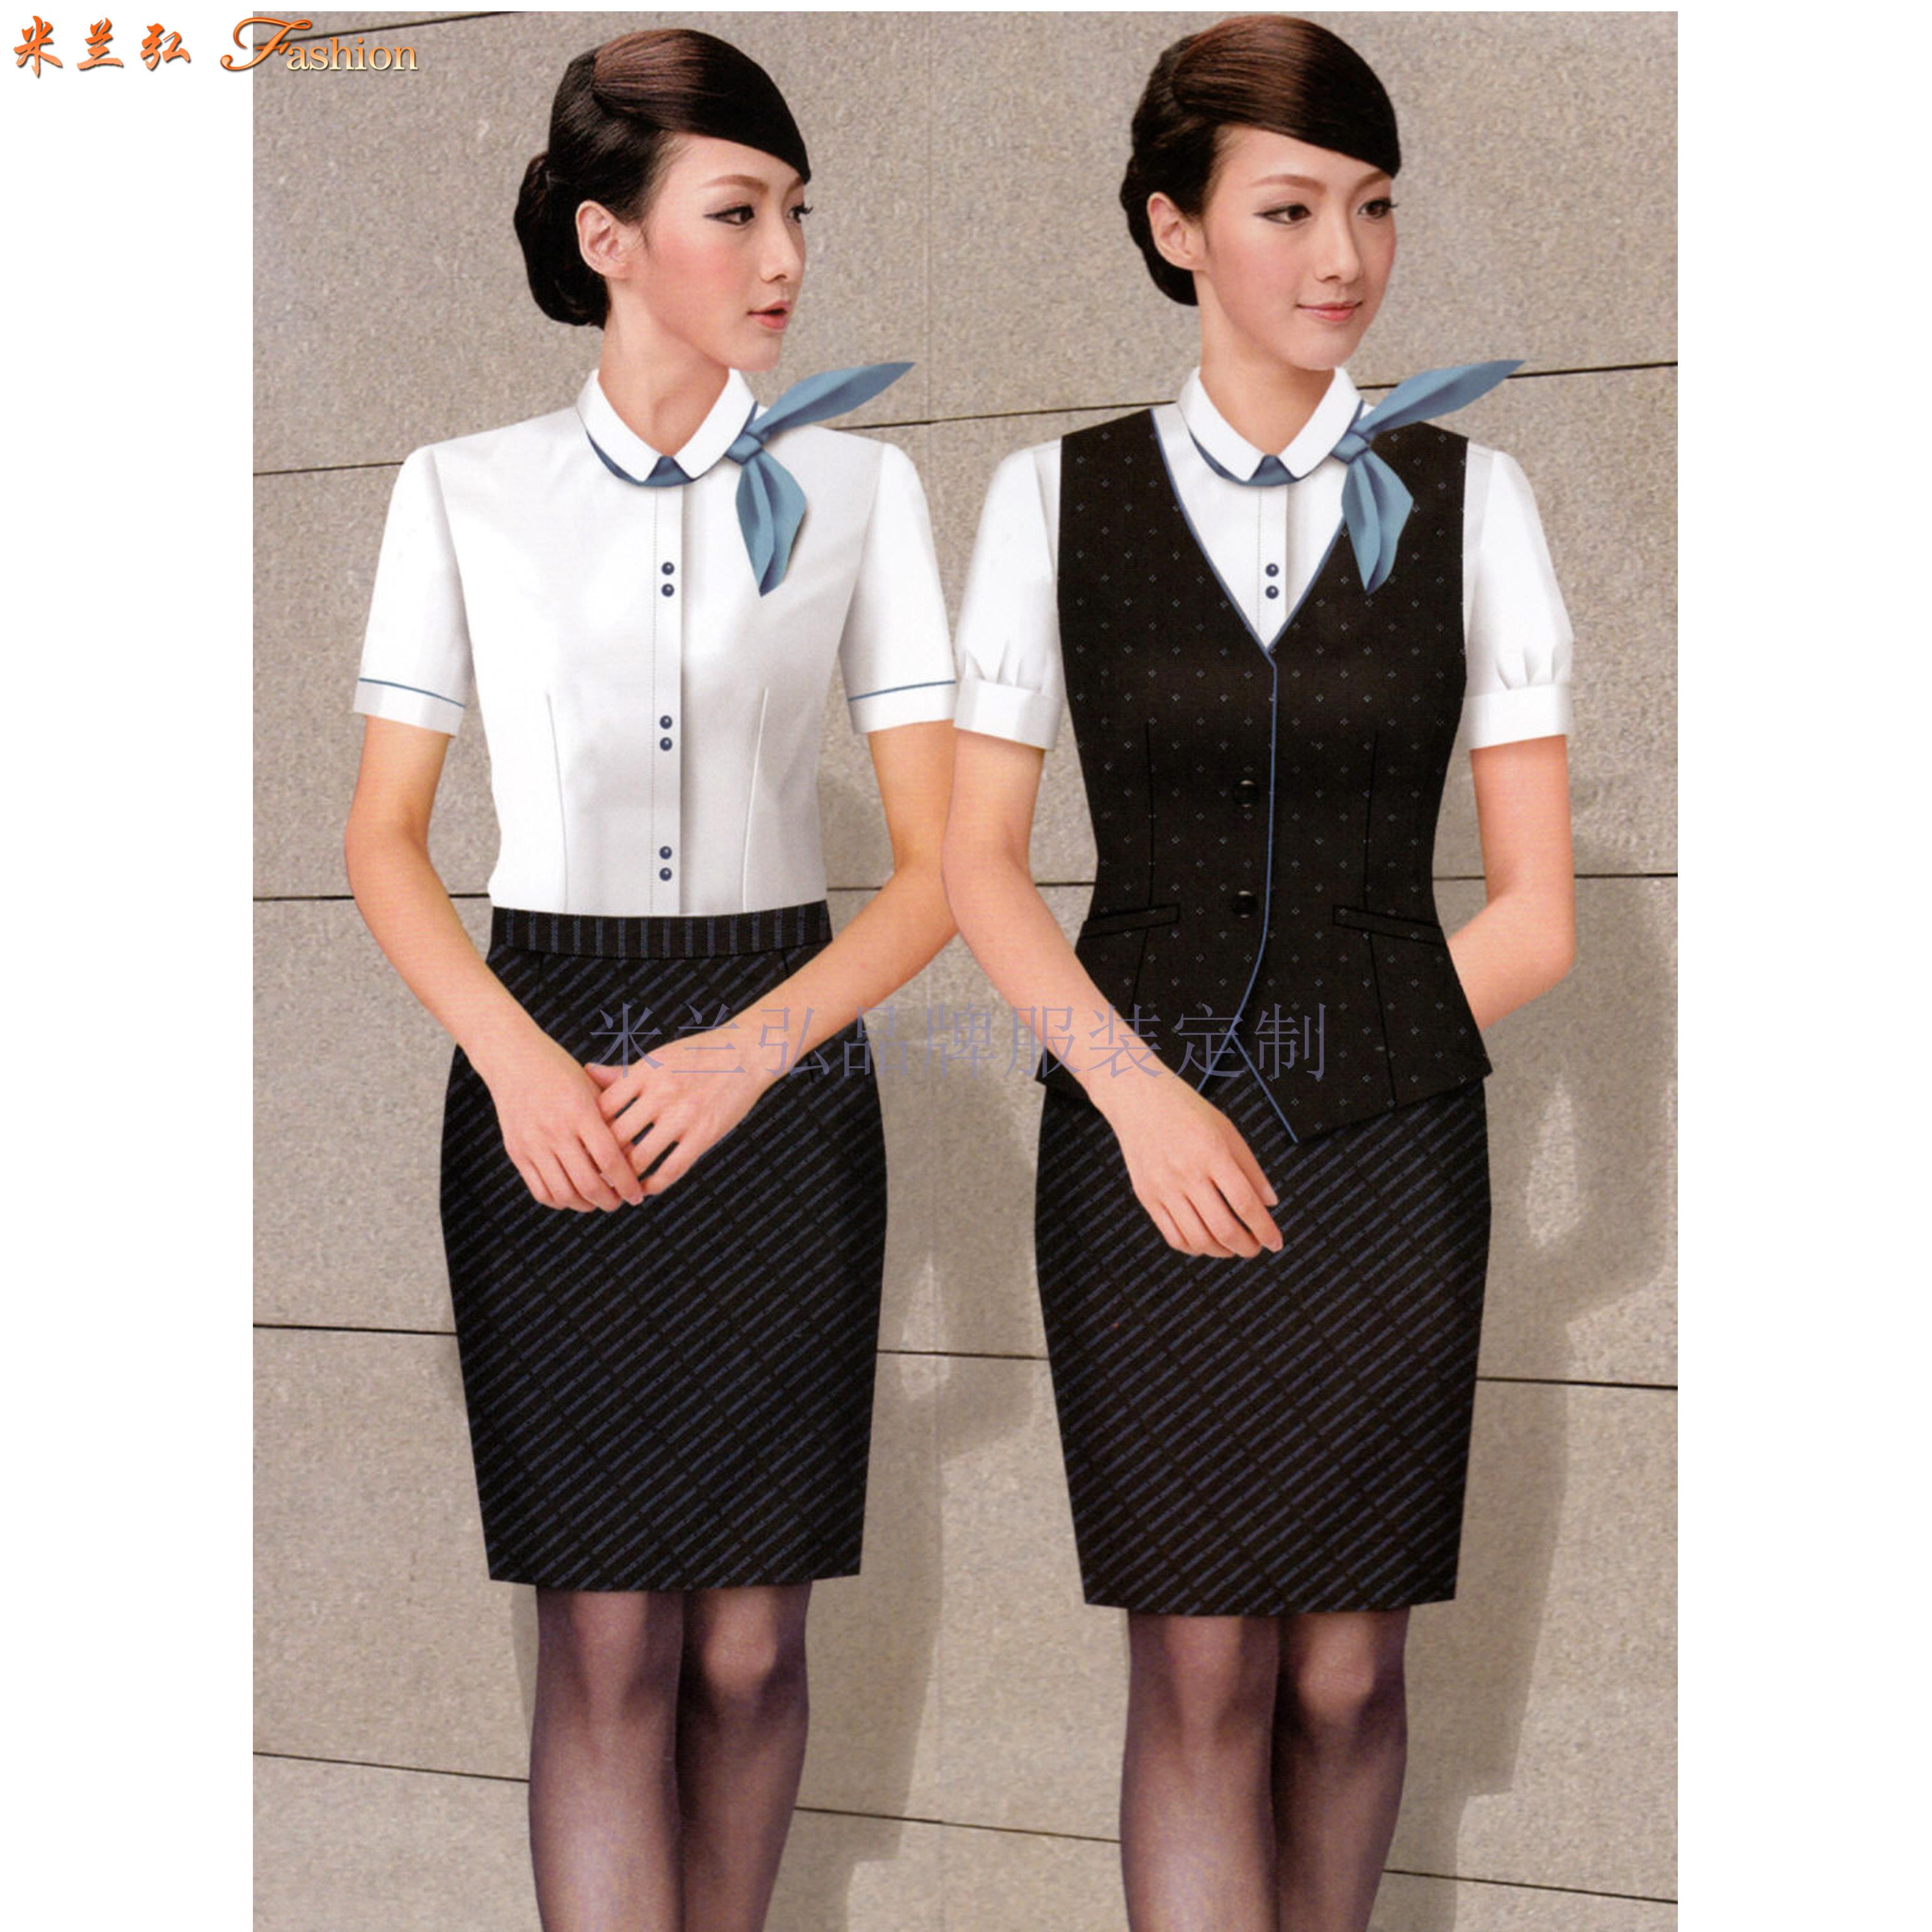 「空姐服原創設計制做」米蘭弘品牌服裝廠家直供優質空乘職業裝-4